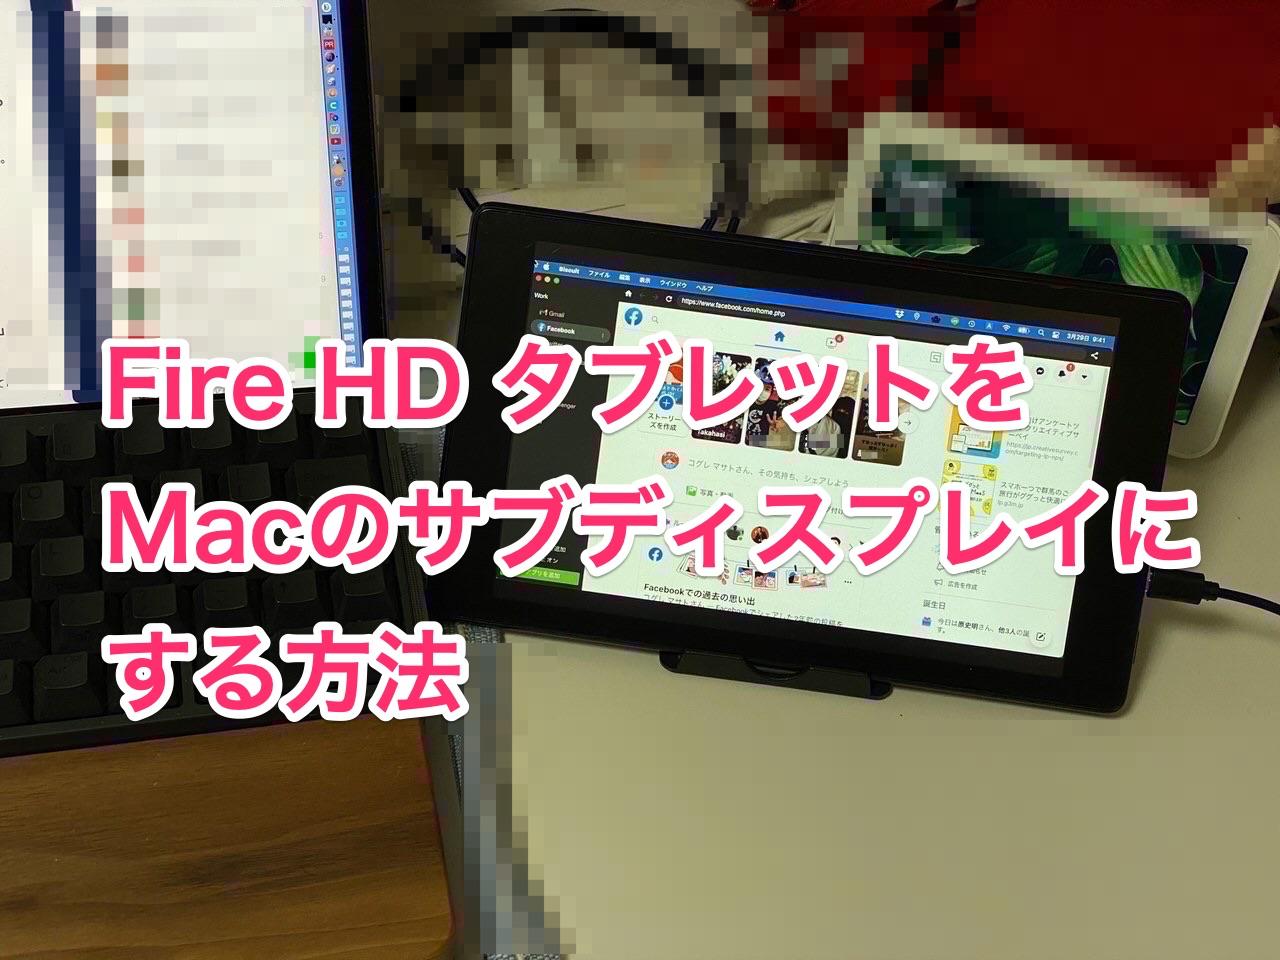 Mac air receiver 006 202103